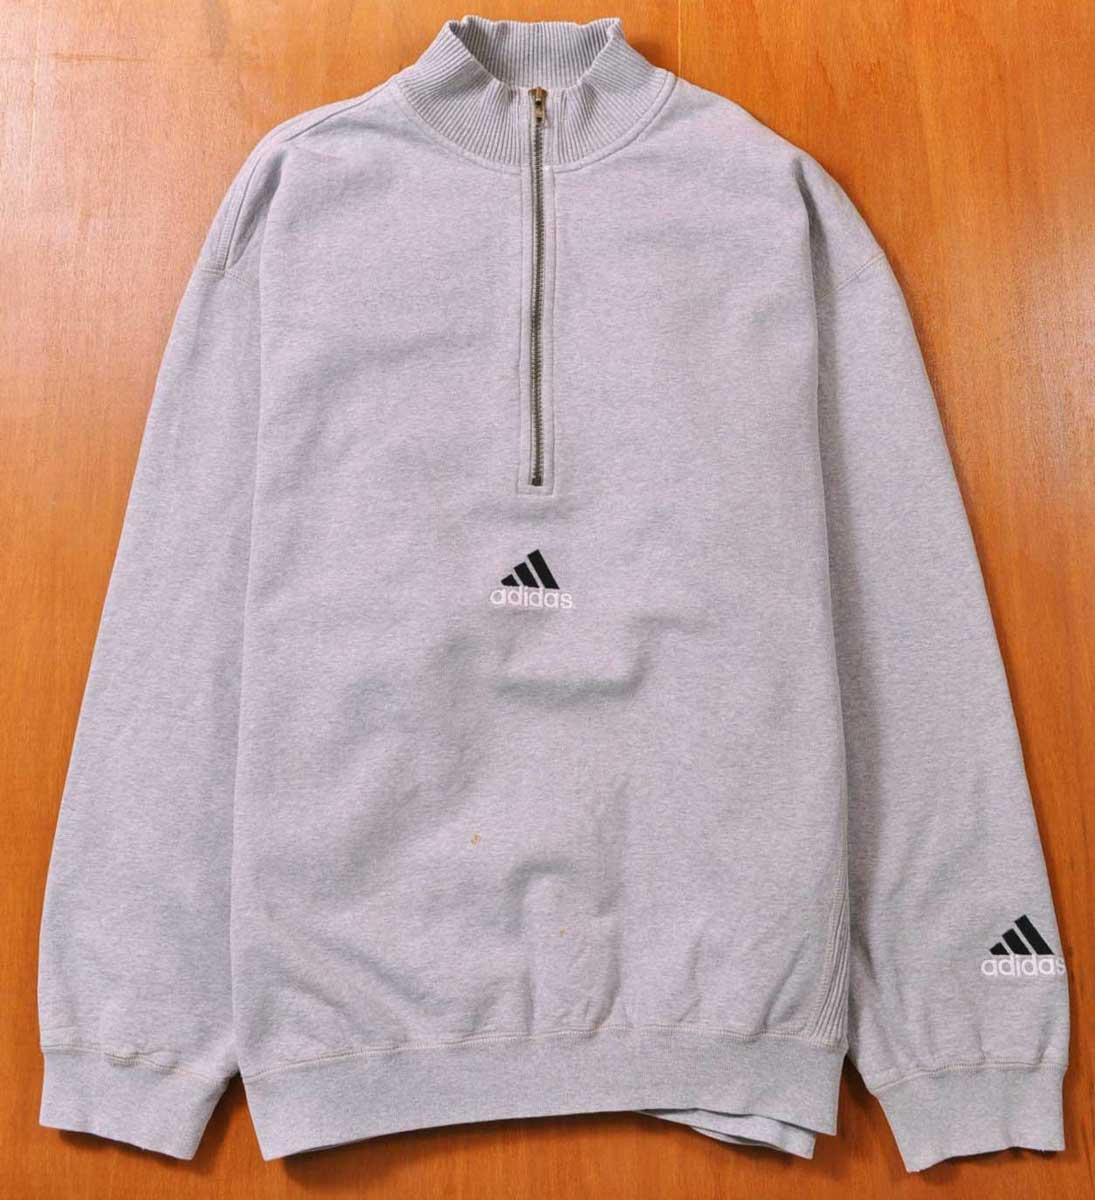 adidas half sweatshirt